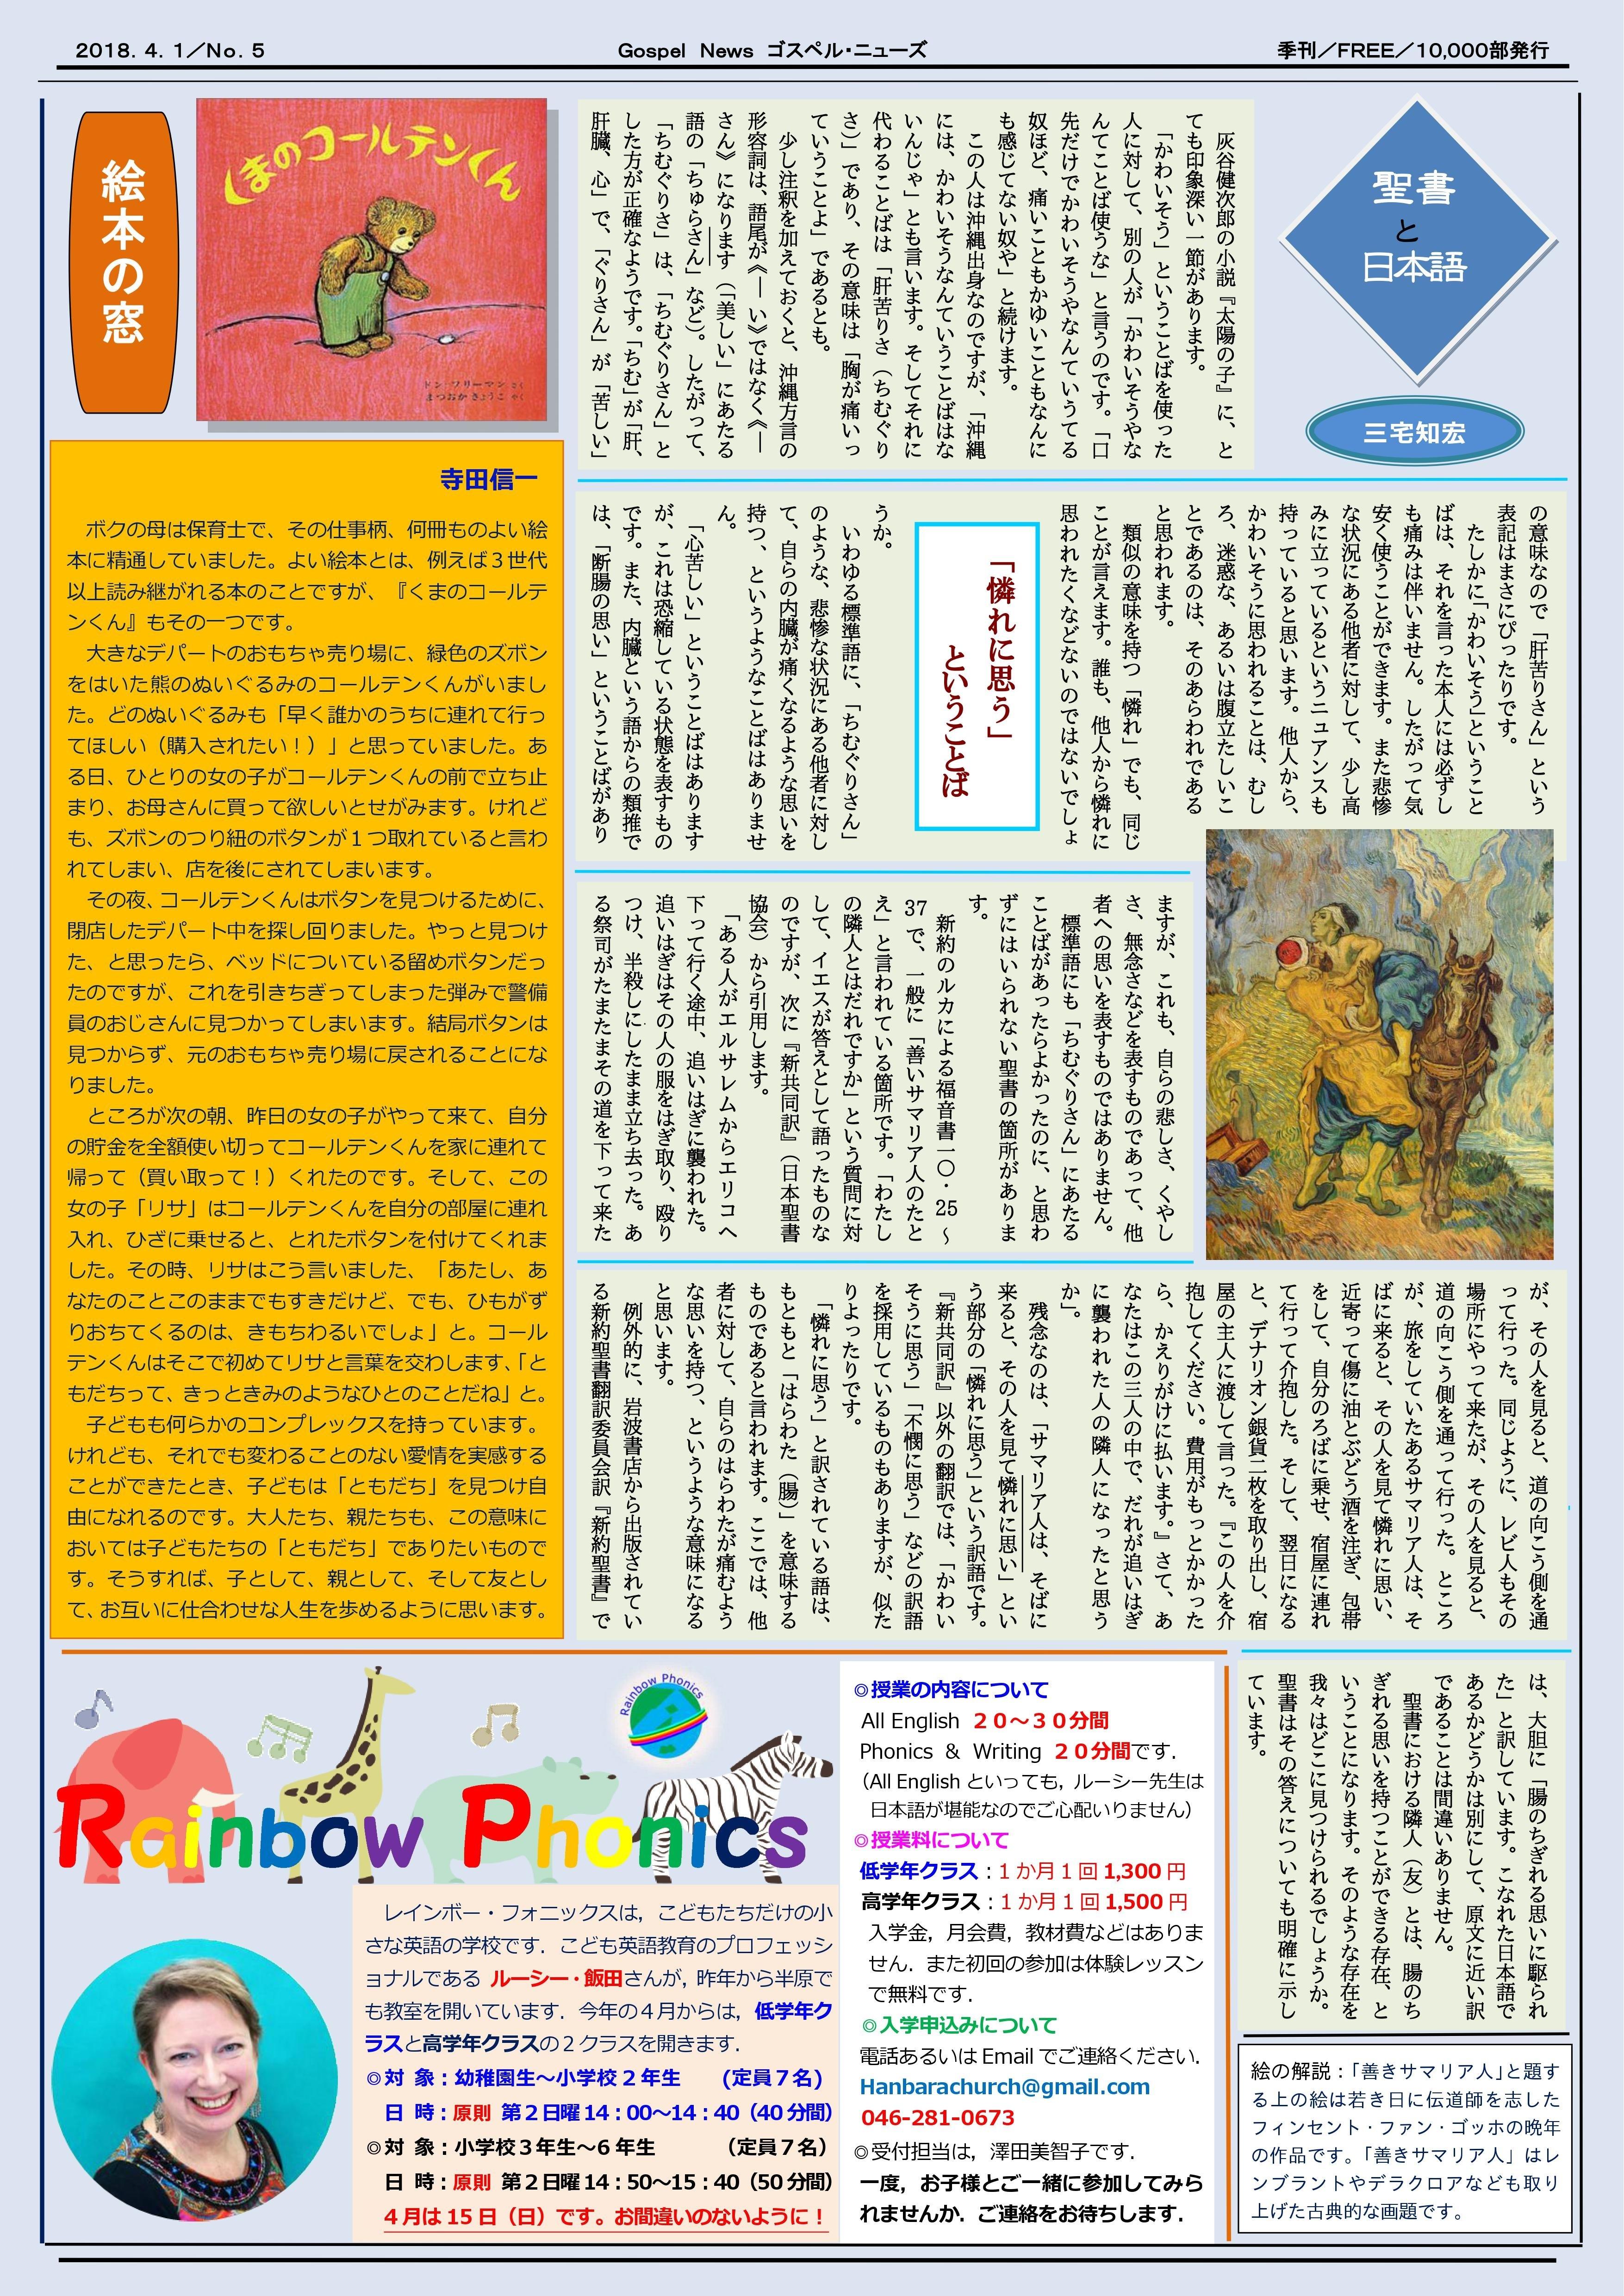 gospel news 5号2面